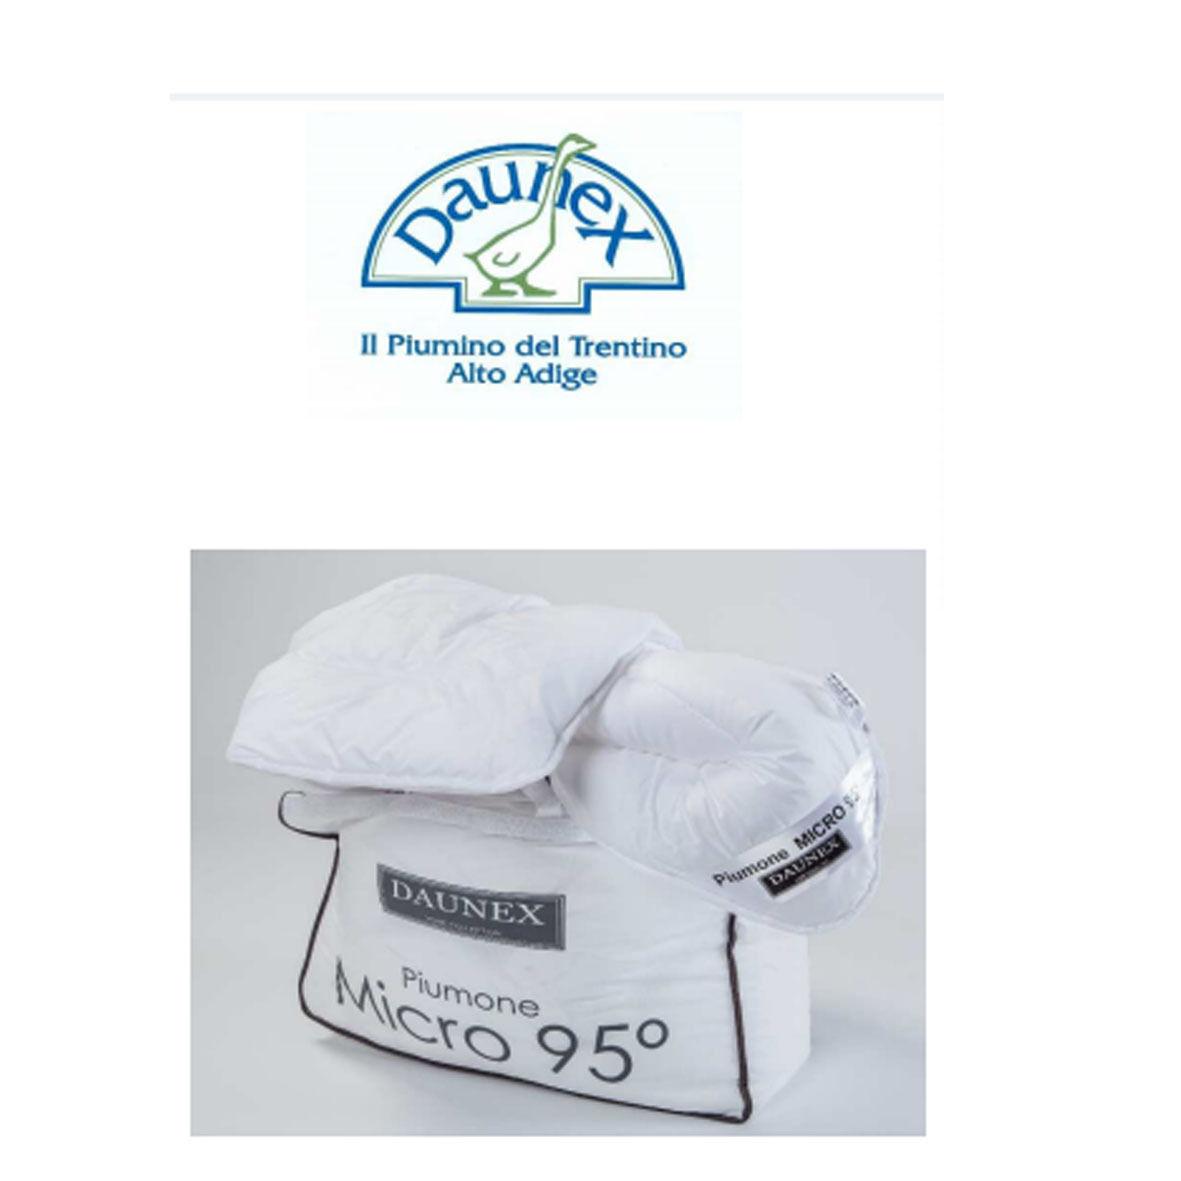 PIUMINO micro 95° 100%poliestere-microfibra lavabile in lavatrice a 95°antiacaro